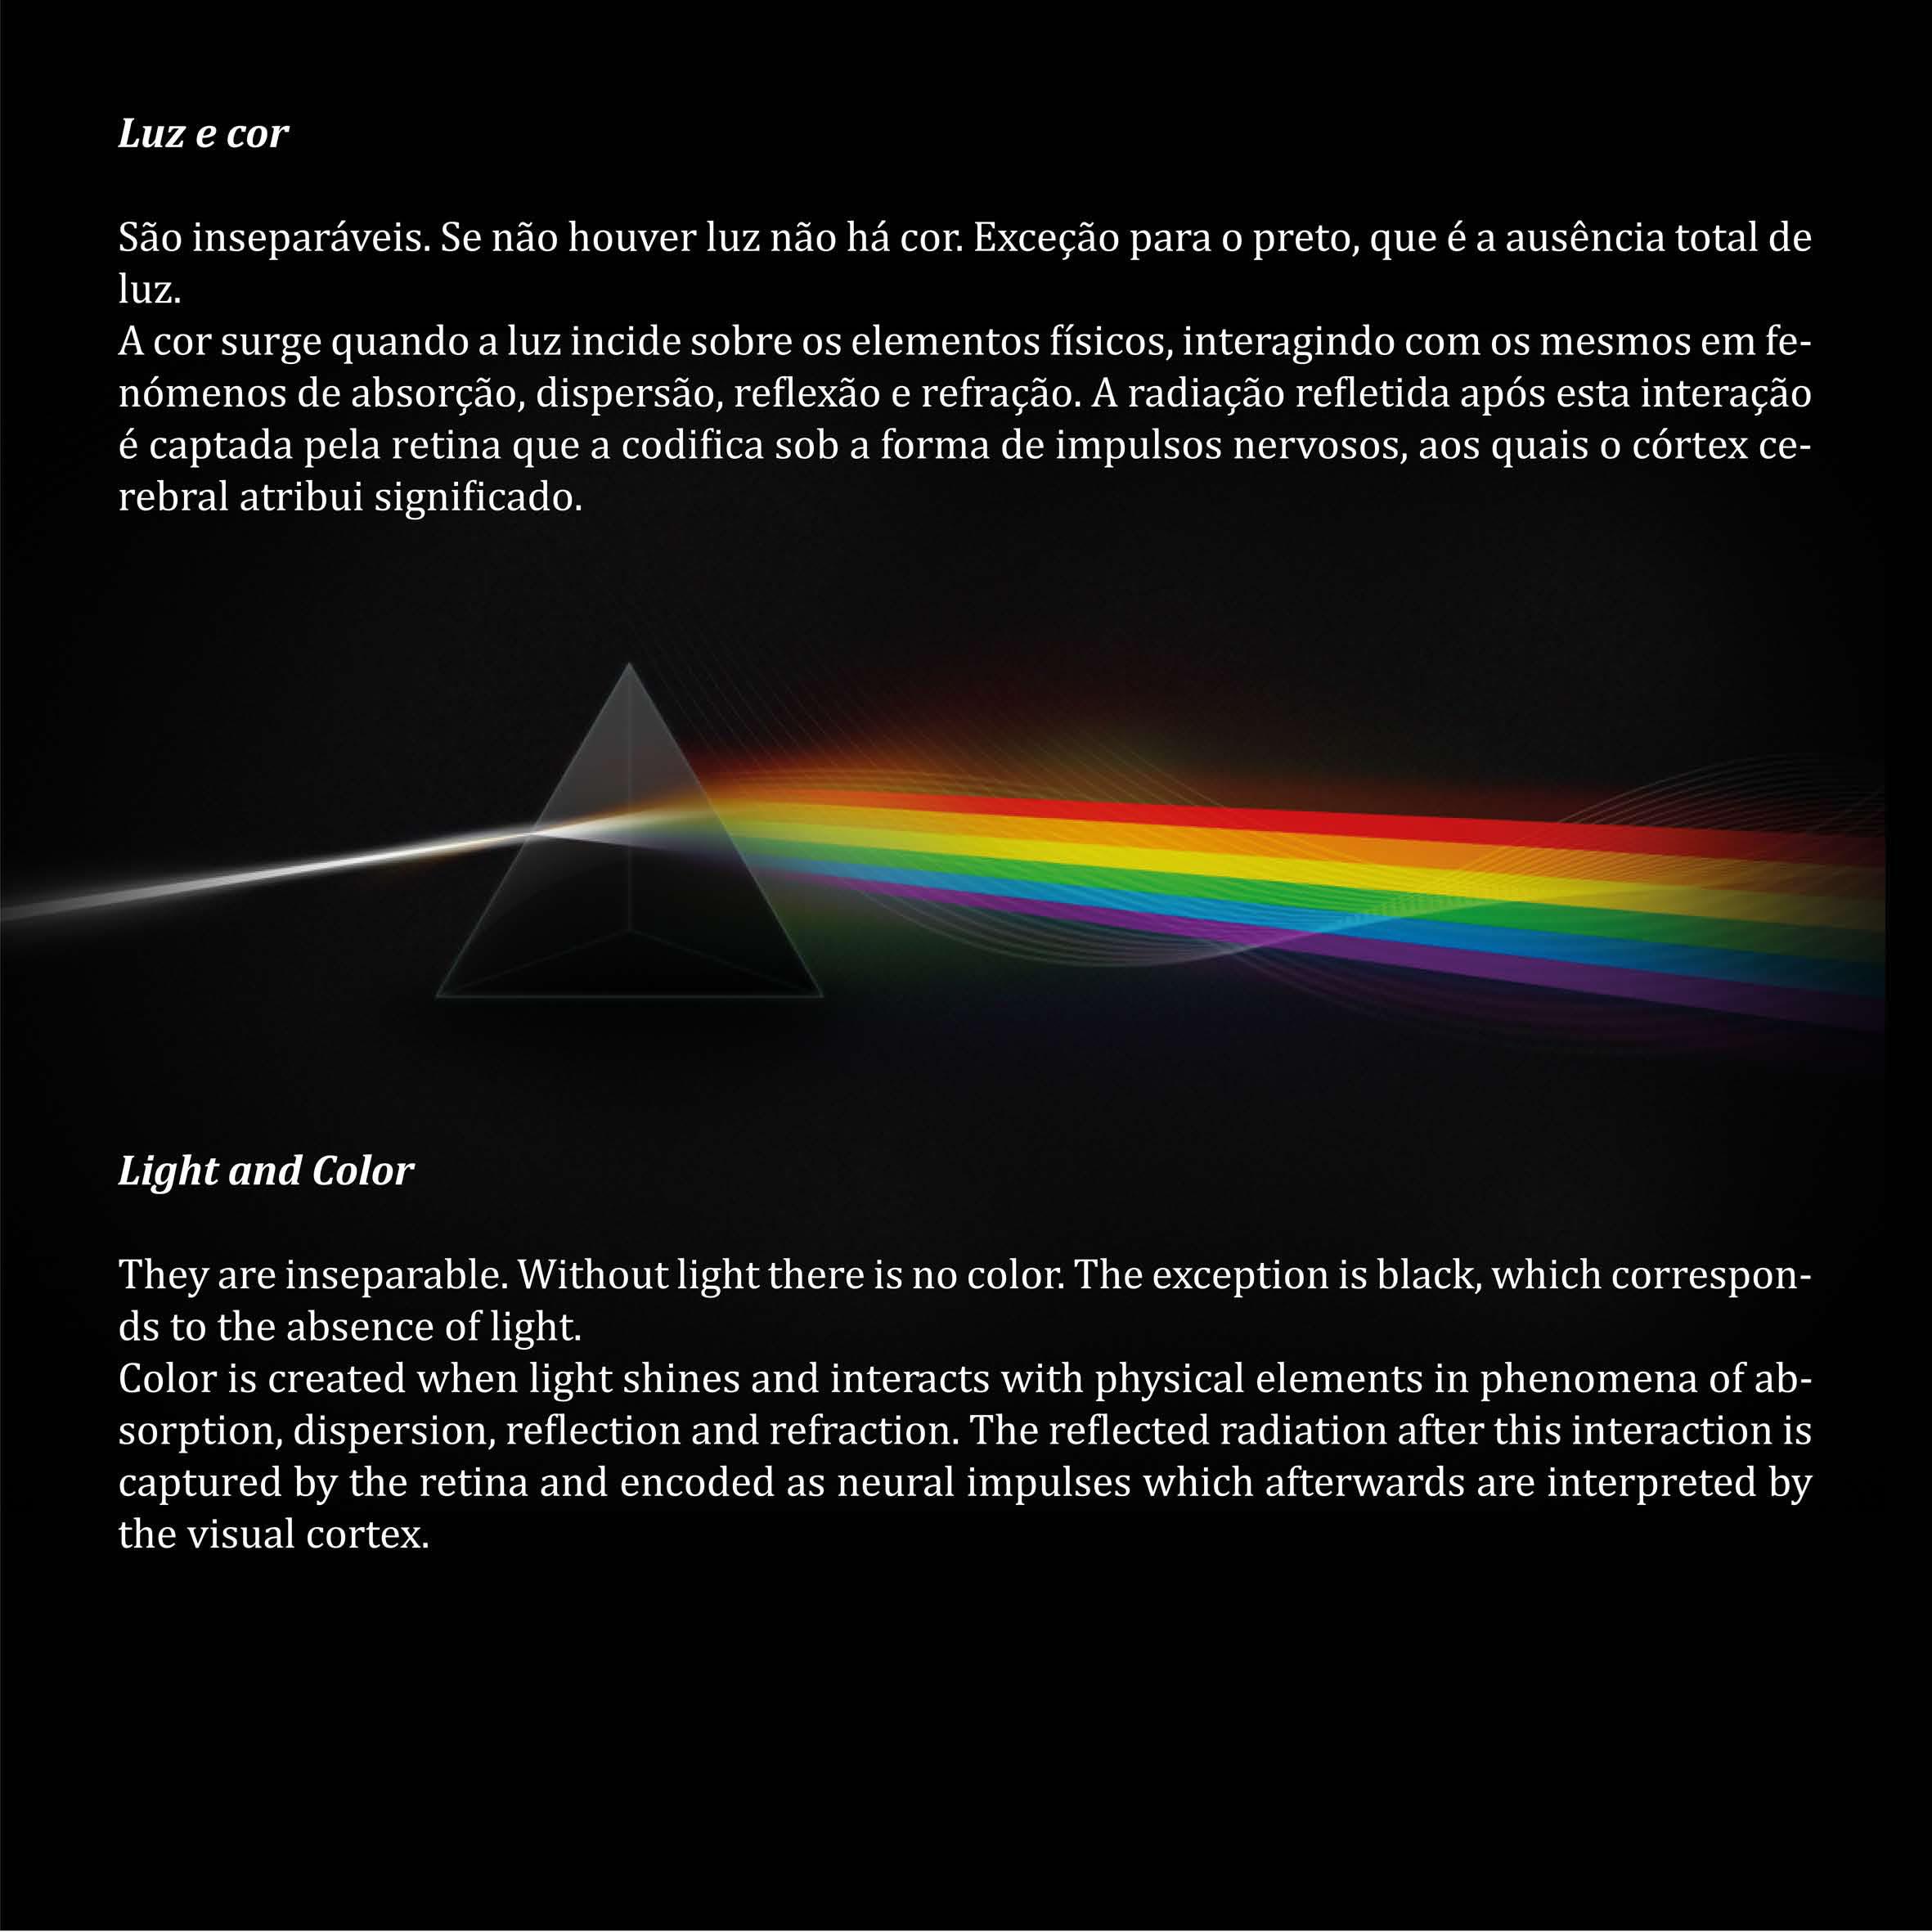 luz e visão exposição visões